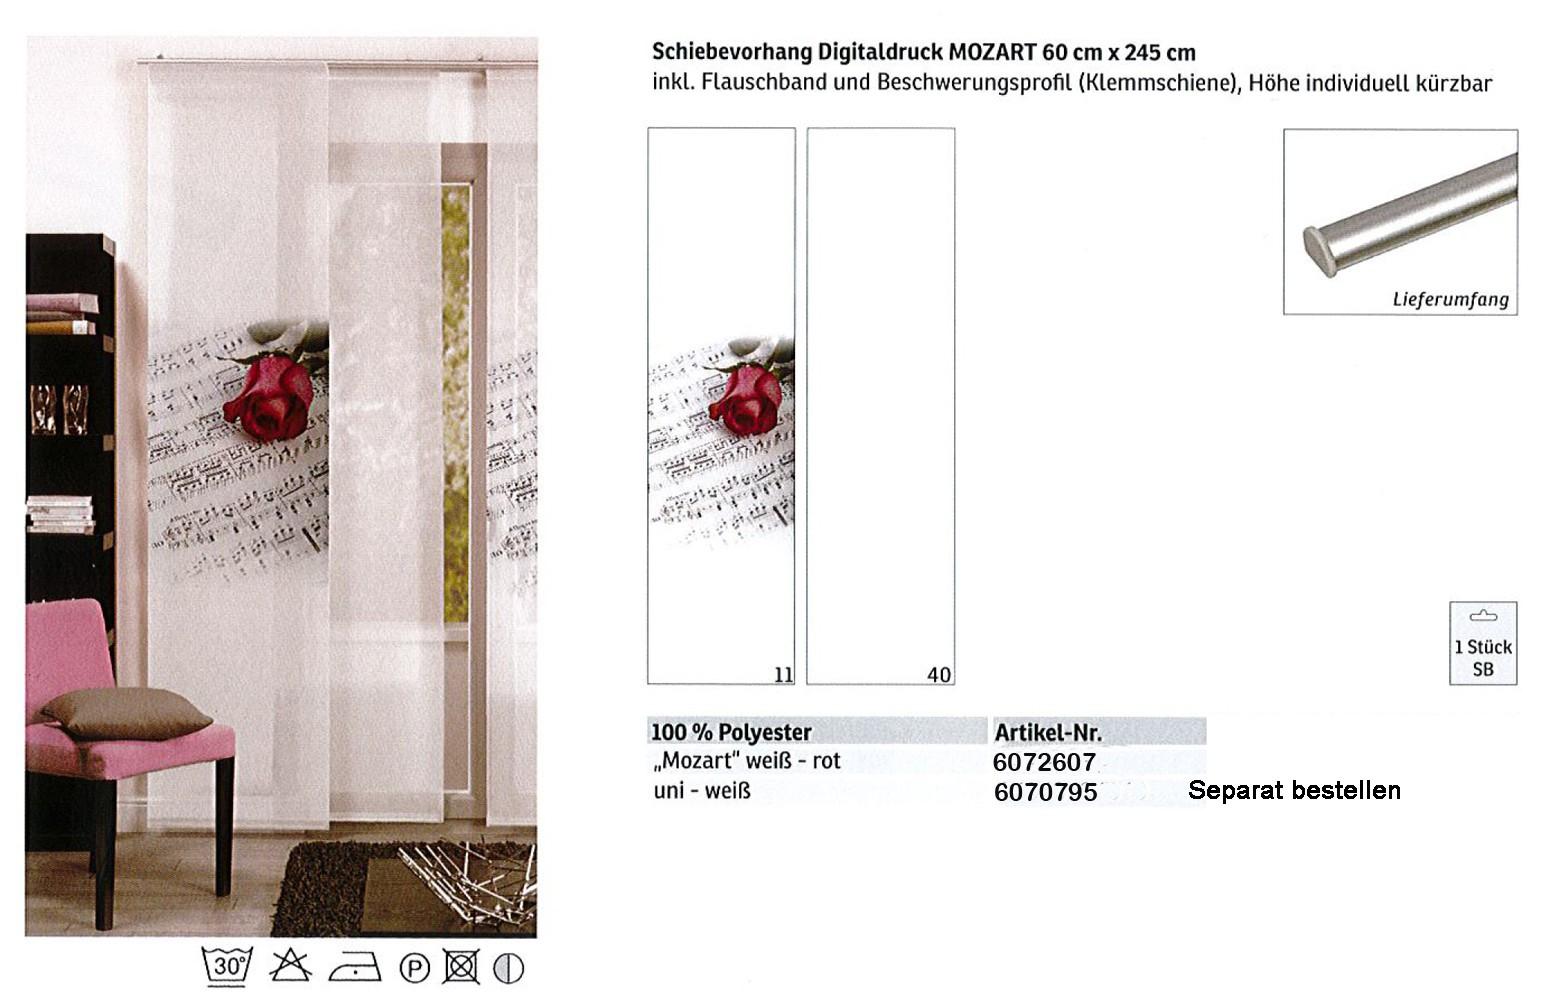 Schiebevorhang Digitaldruck Mozart Weiß-Rot, ca.60 x 245 cm